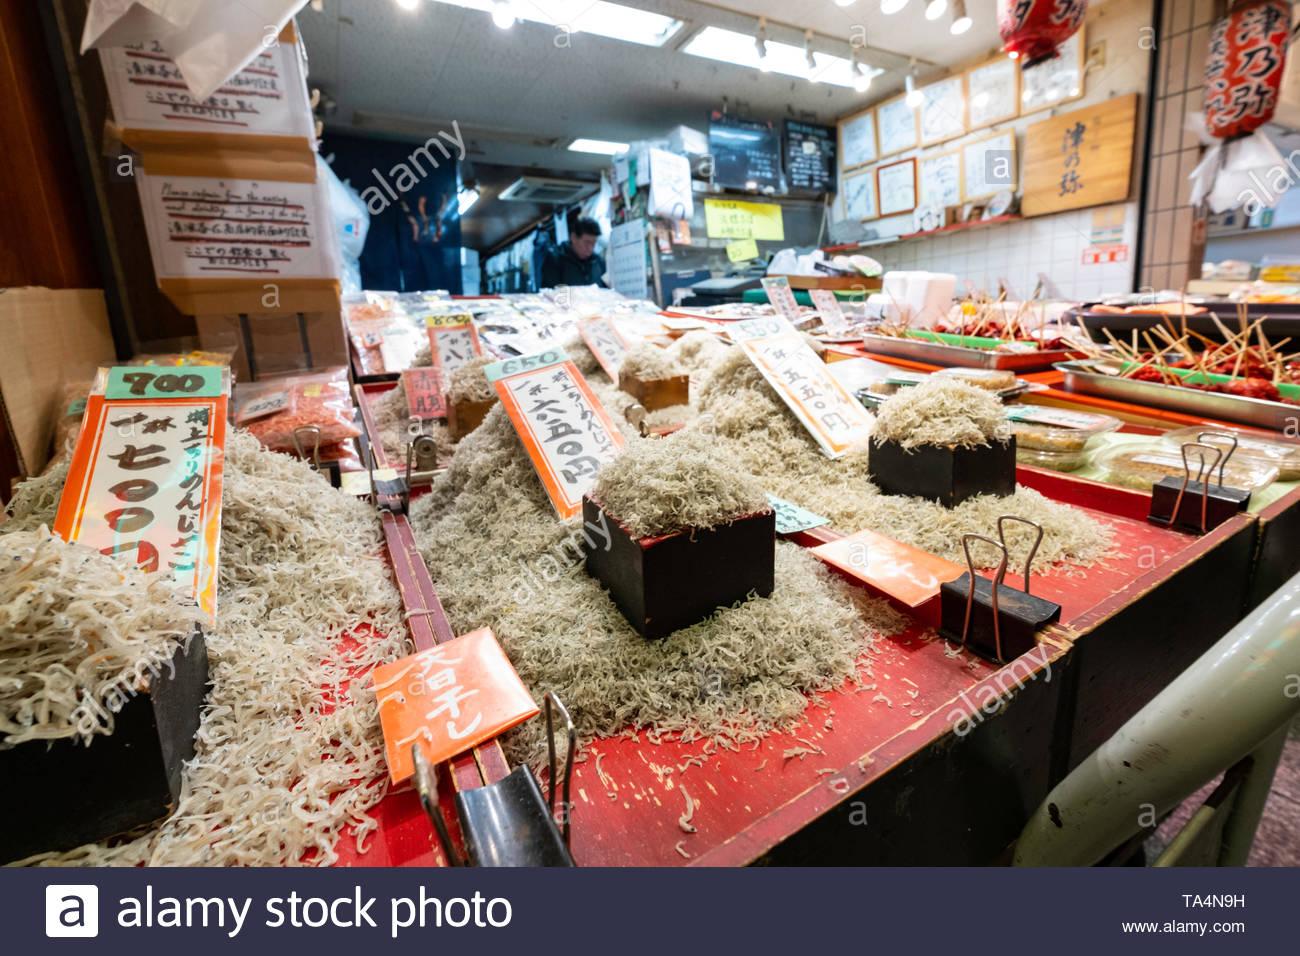 Lacquered wood bins containing various traditional Japanese food items for sale in Nishiki Market, Higashiuoyacho, Nakagyo-ku, Kyoto, Honshu, Japan - Stock Image